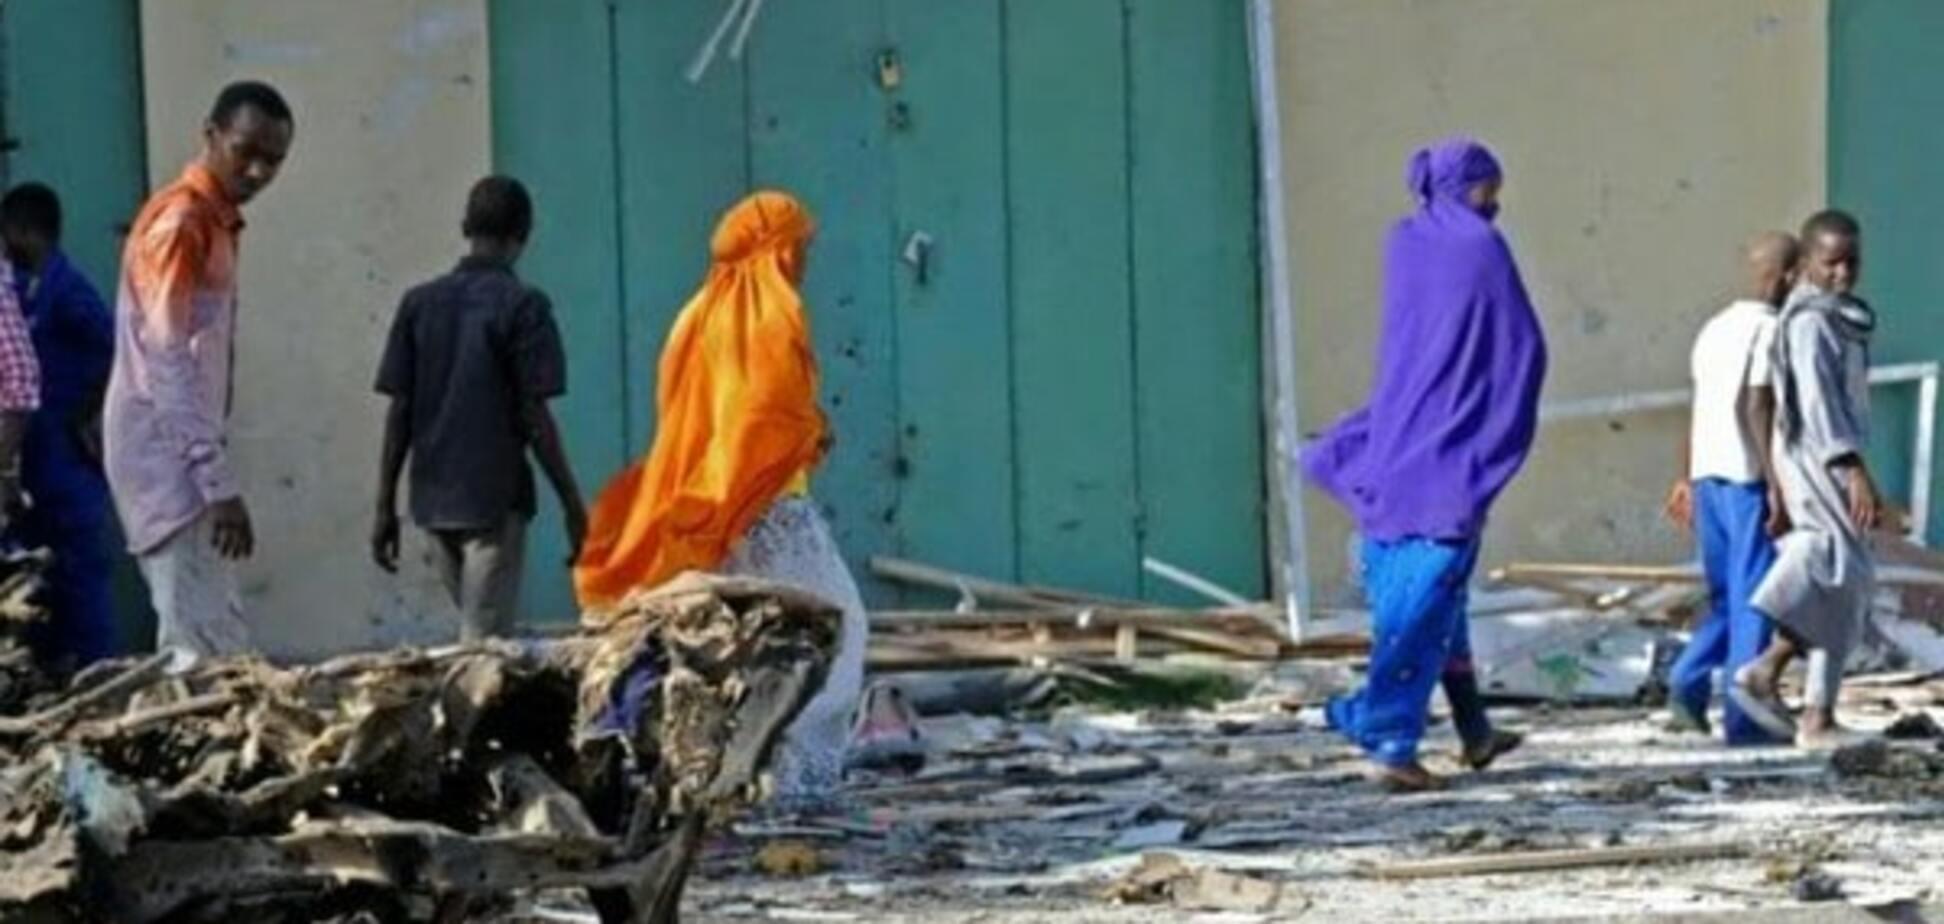 У Сомалі терорист-смертник підірвав себе в готелі: є жертви